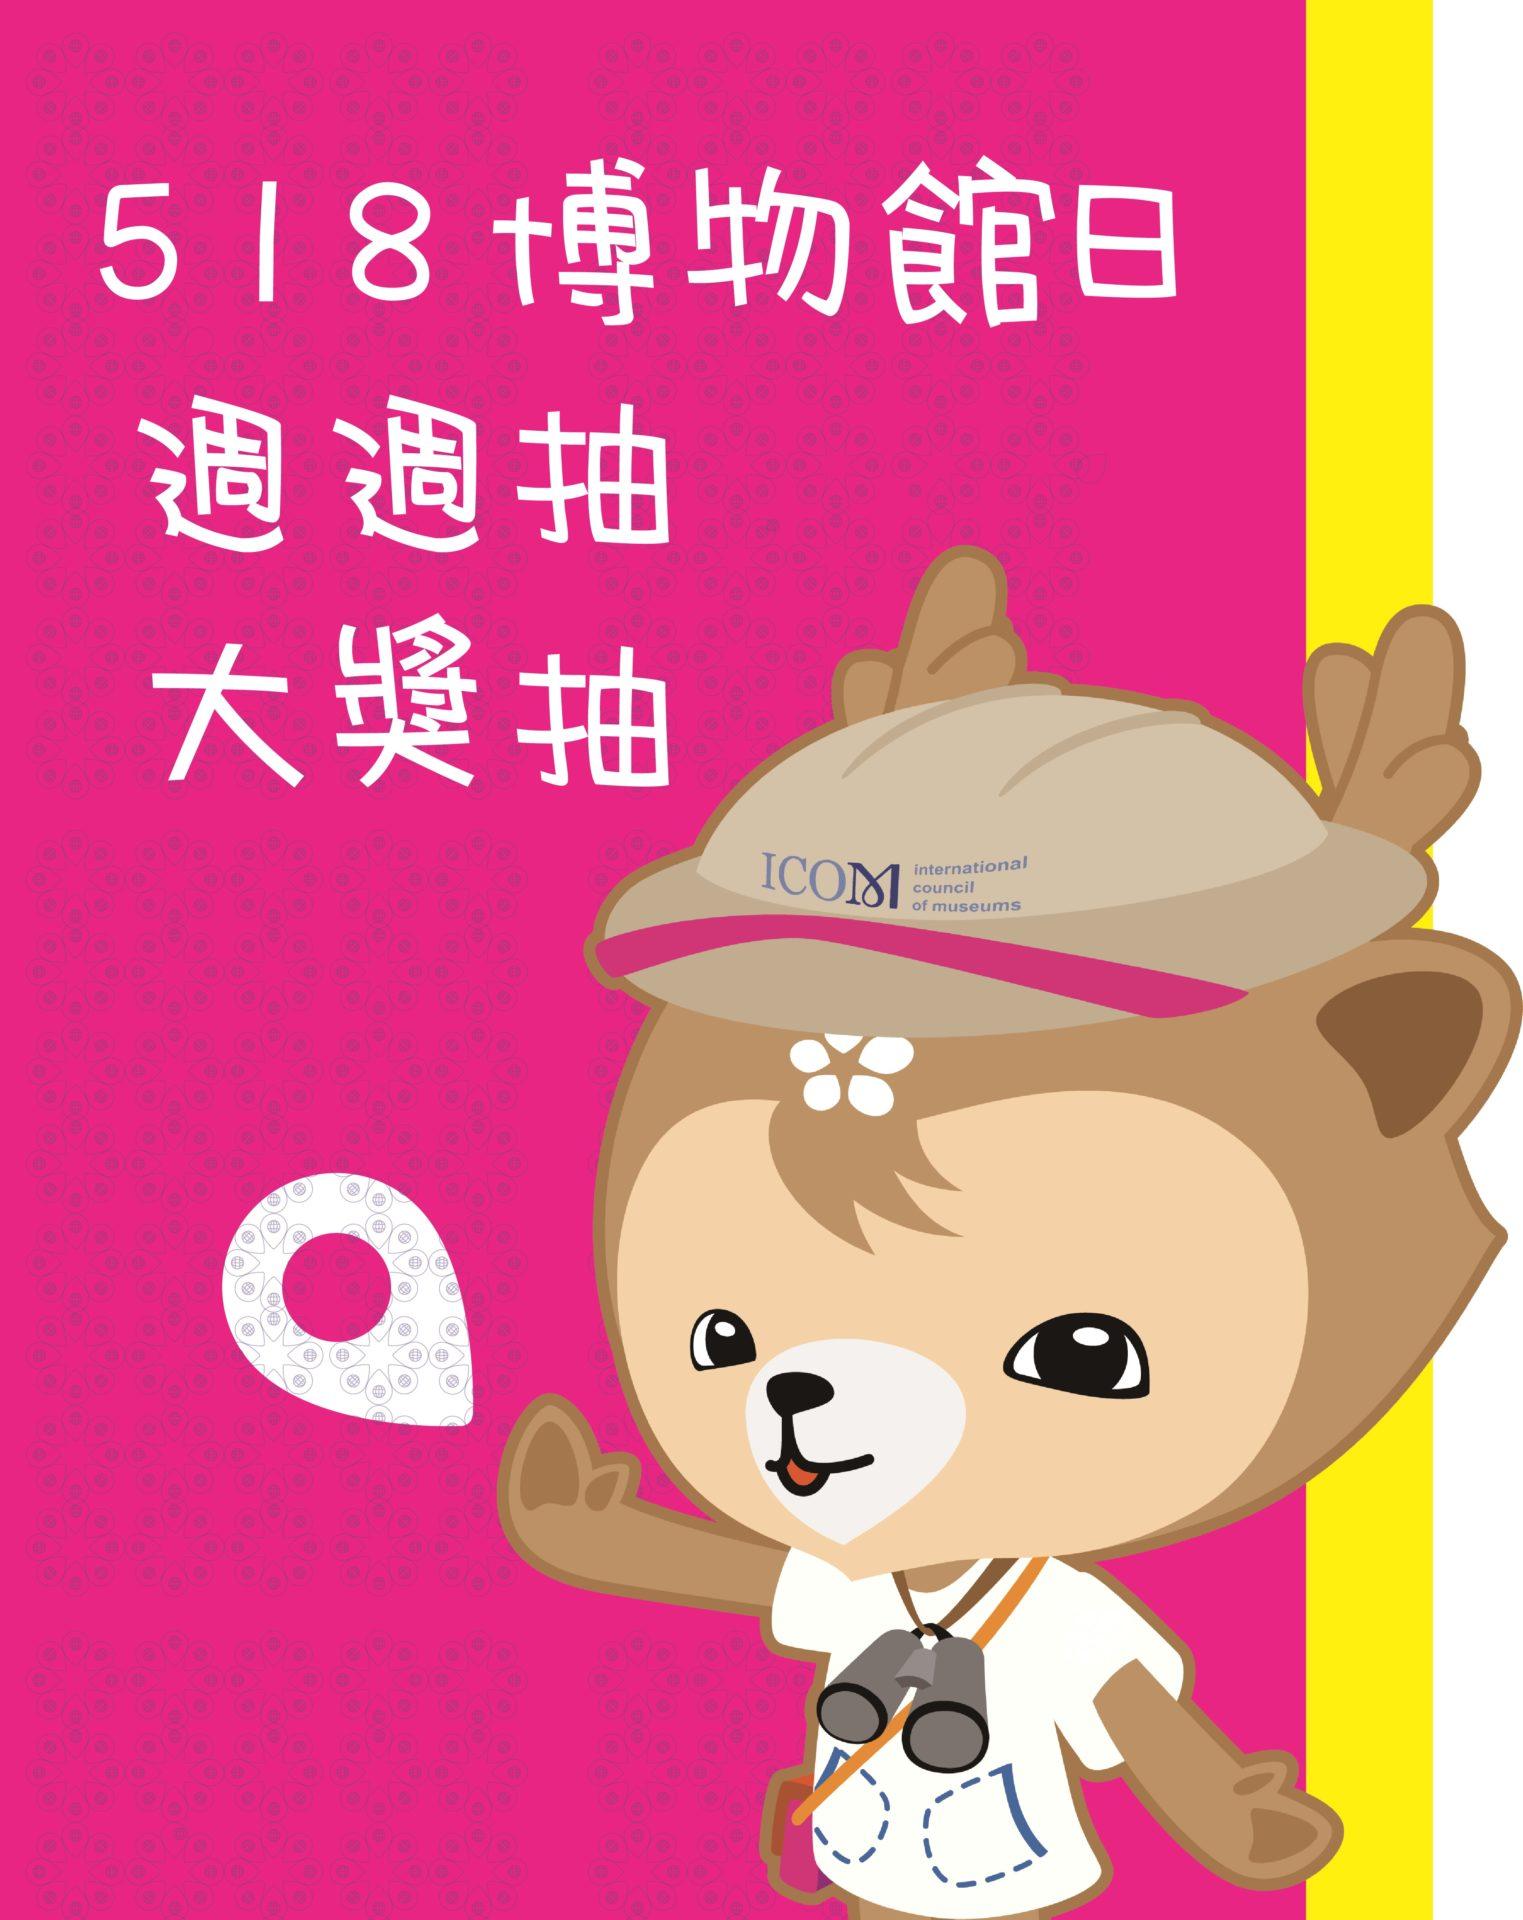 中華民國博物館學會:【518國際博物館日粉絲團抽獎活動】